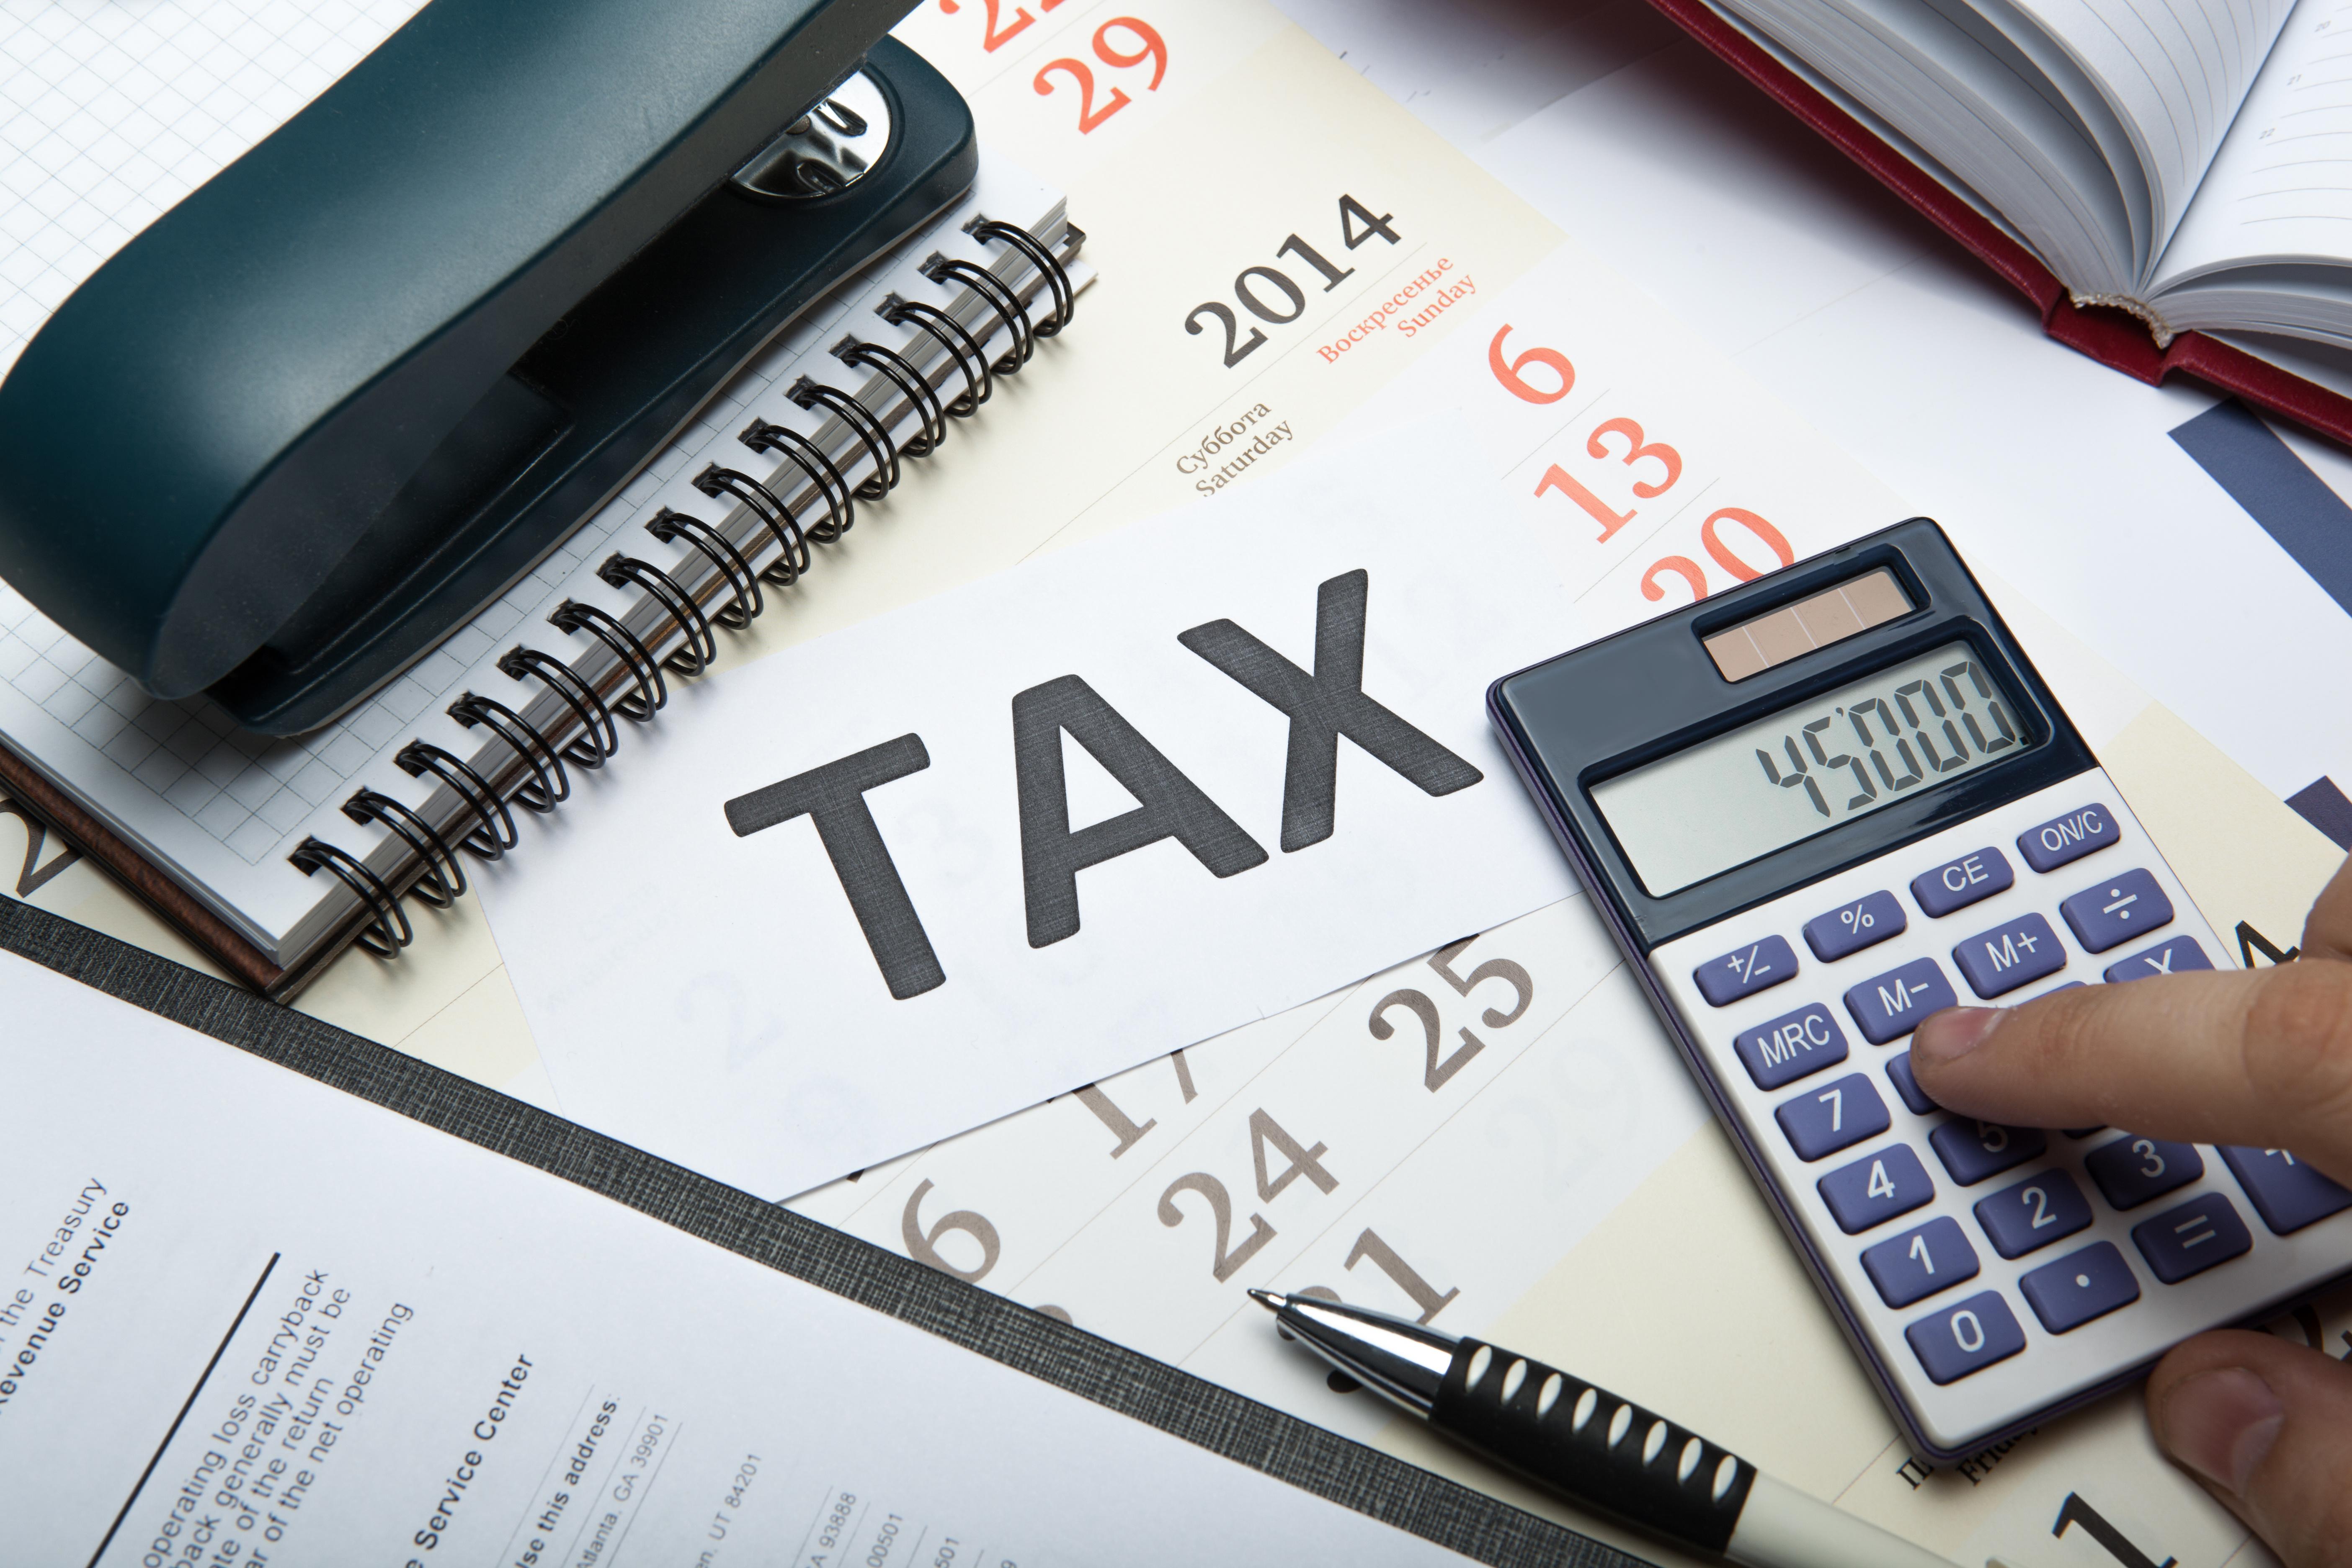 稅務總局再取消20項稅務證明事項